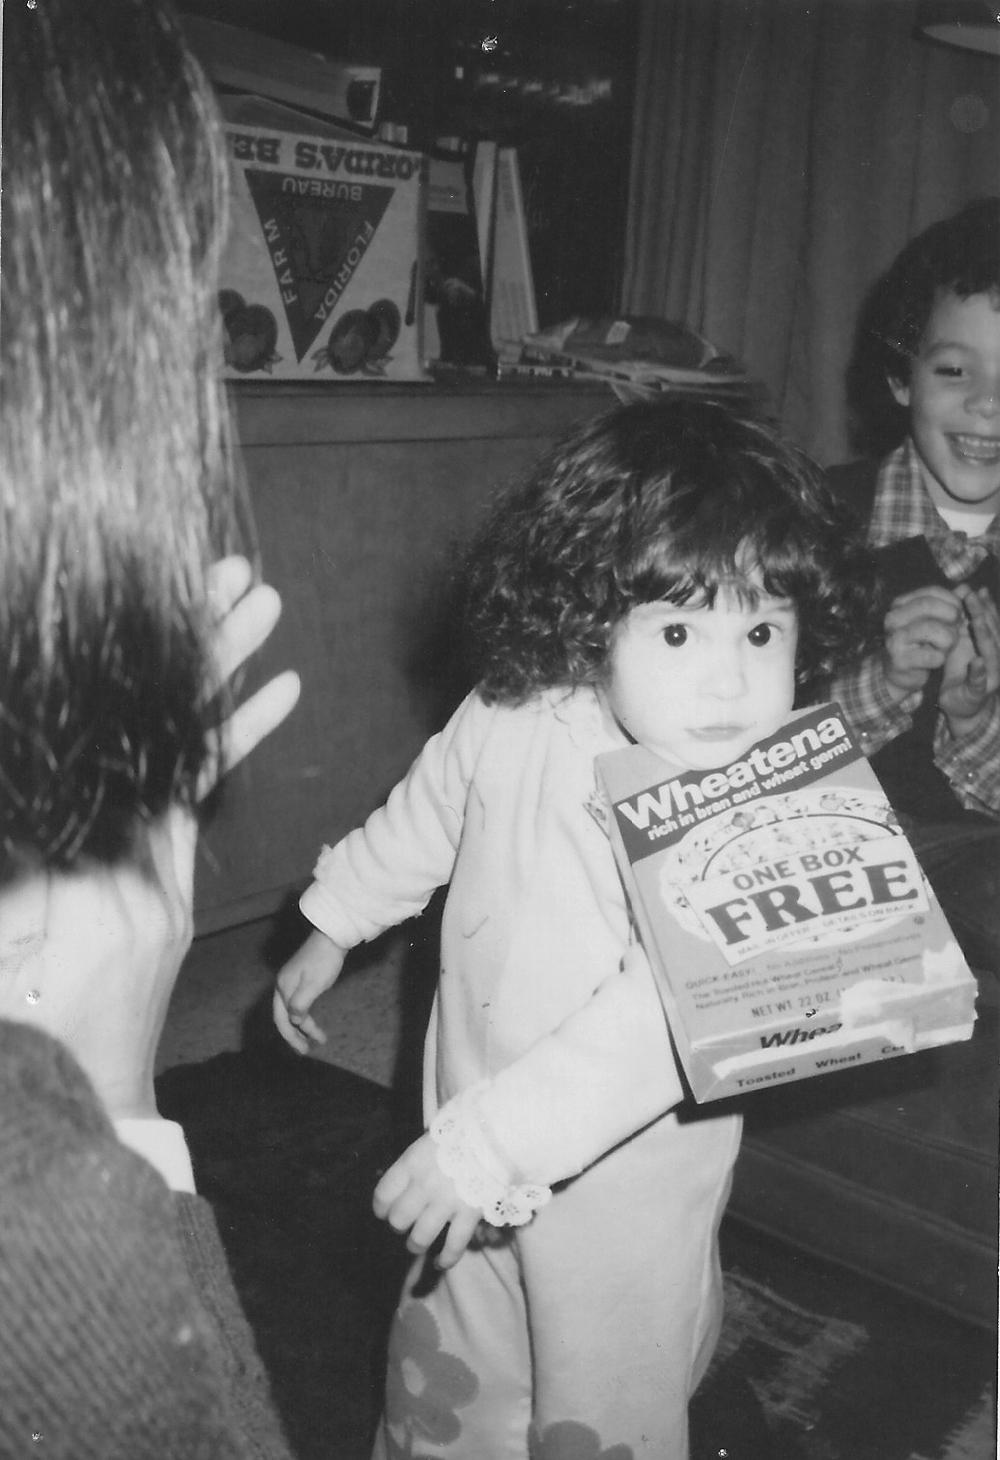 Yumi's Wheatena box '83.jpeg